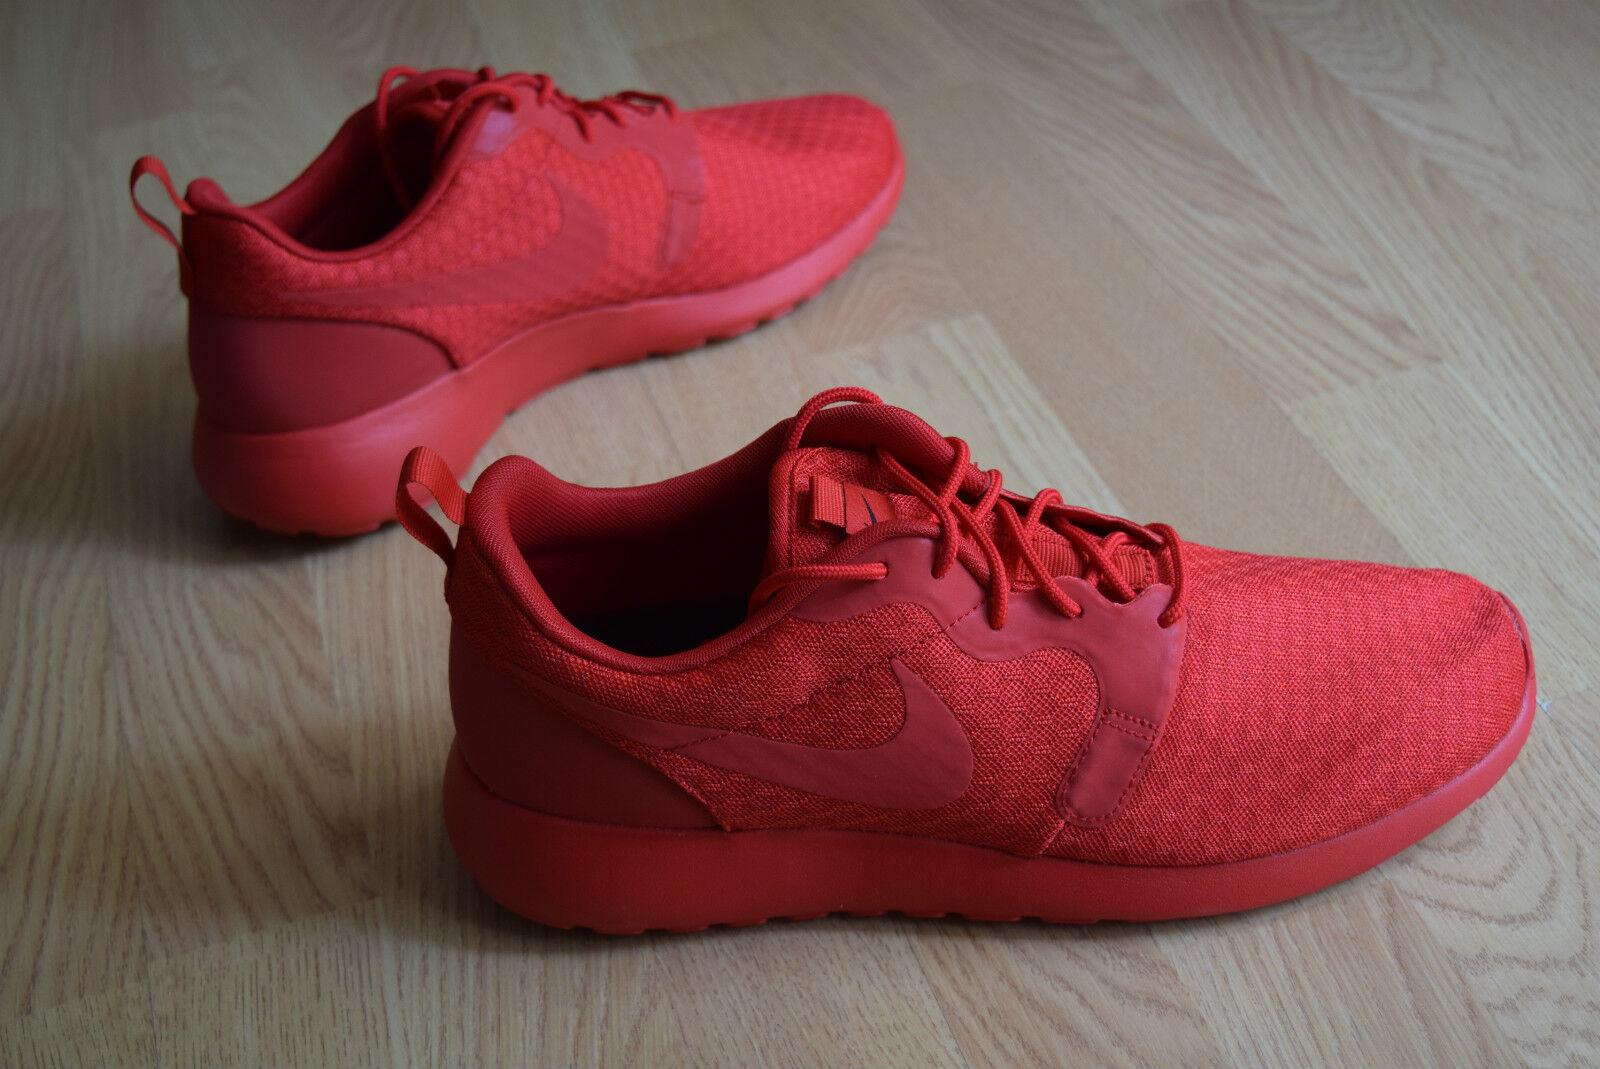 Nike Roshe One Hyp 38,5 39 40 40,5 41 42 42,5 43 44  fReE rUn aIr mAx 1 tAvas